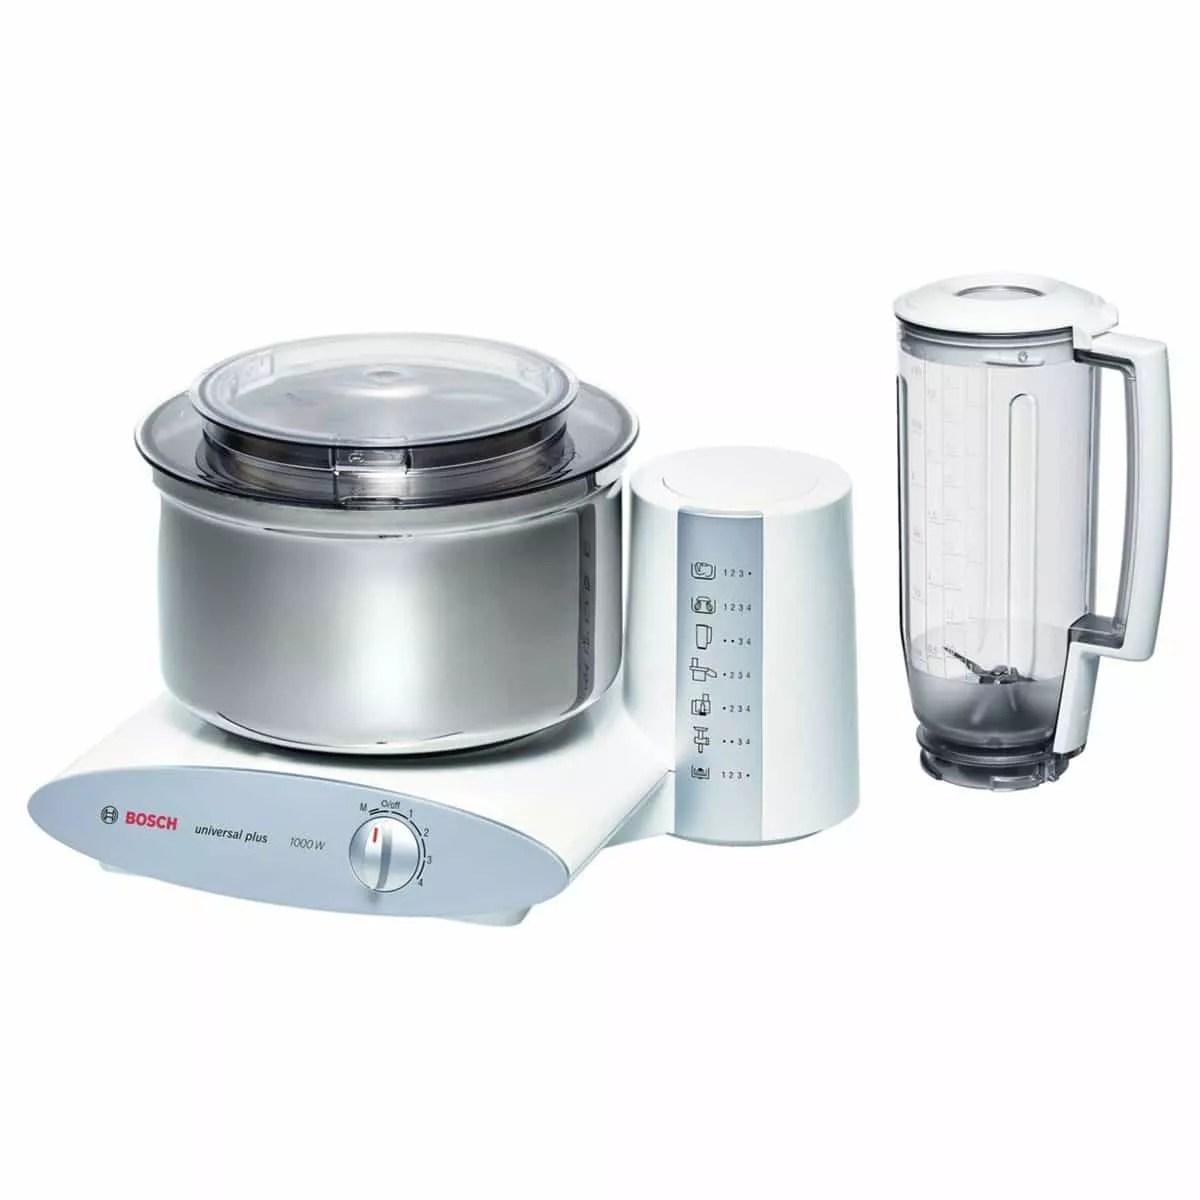 Bosch Mum 6 Universal Kuchenmaschine Home Sweet Home